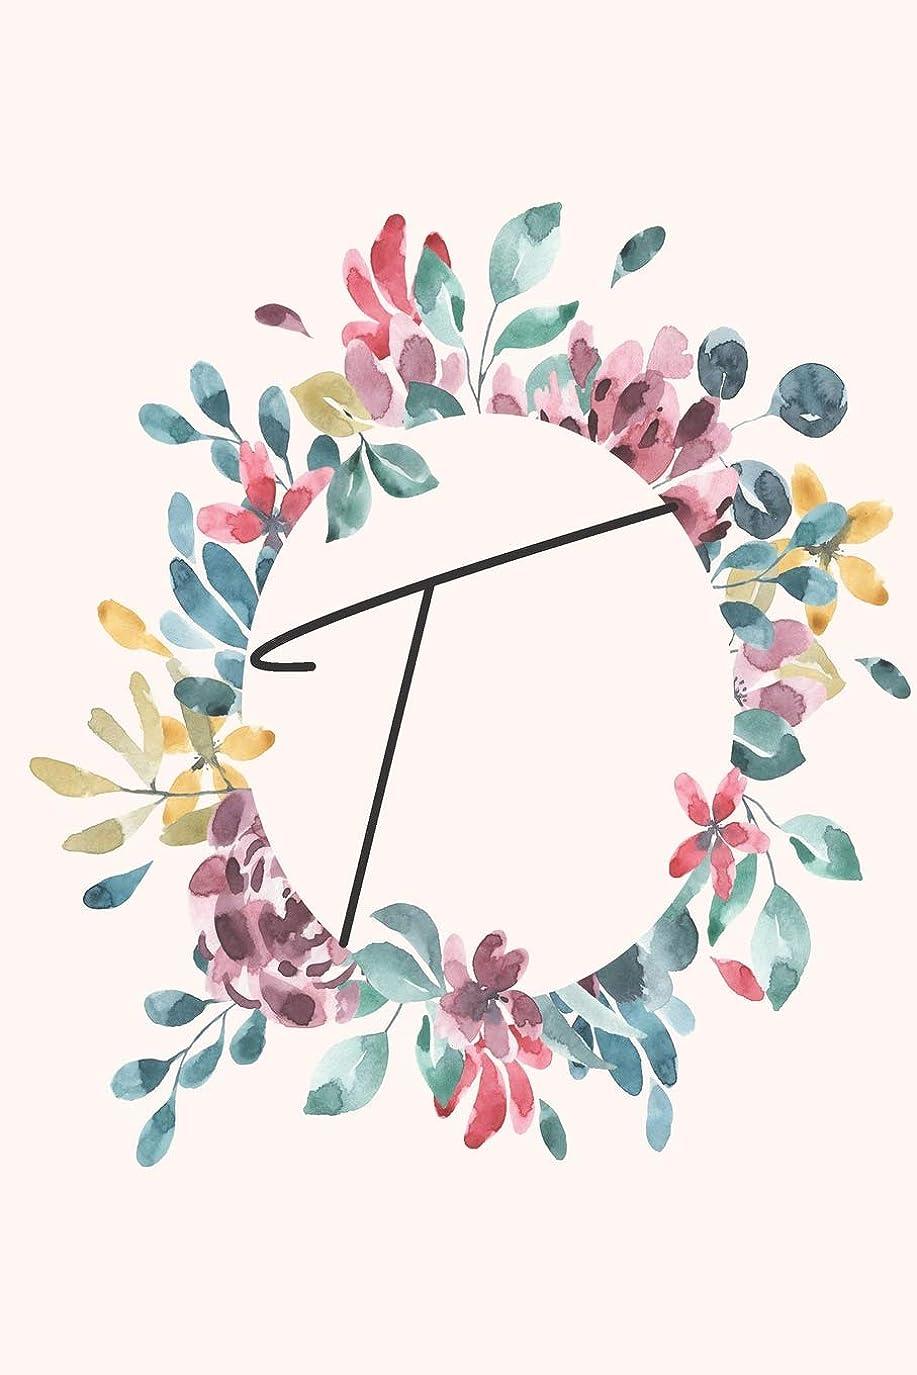 プロペラ害虫火薬T: Personalized Notebook Journal for florists, wedding planner, bride's maid gift, wedding decorators with floral cover college lined